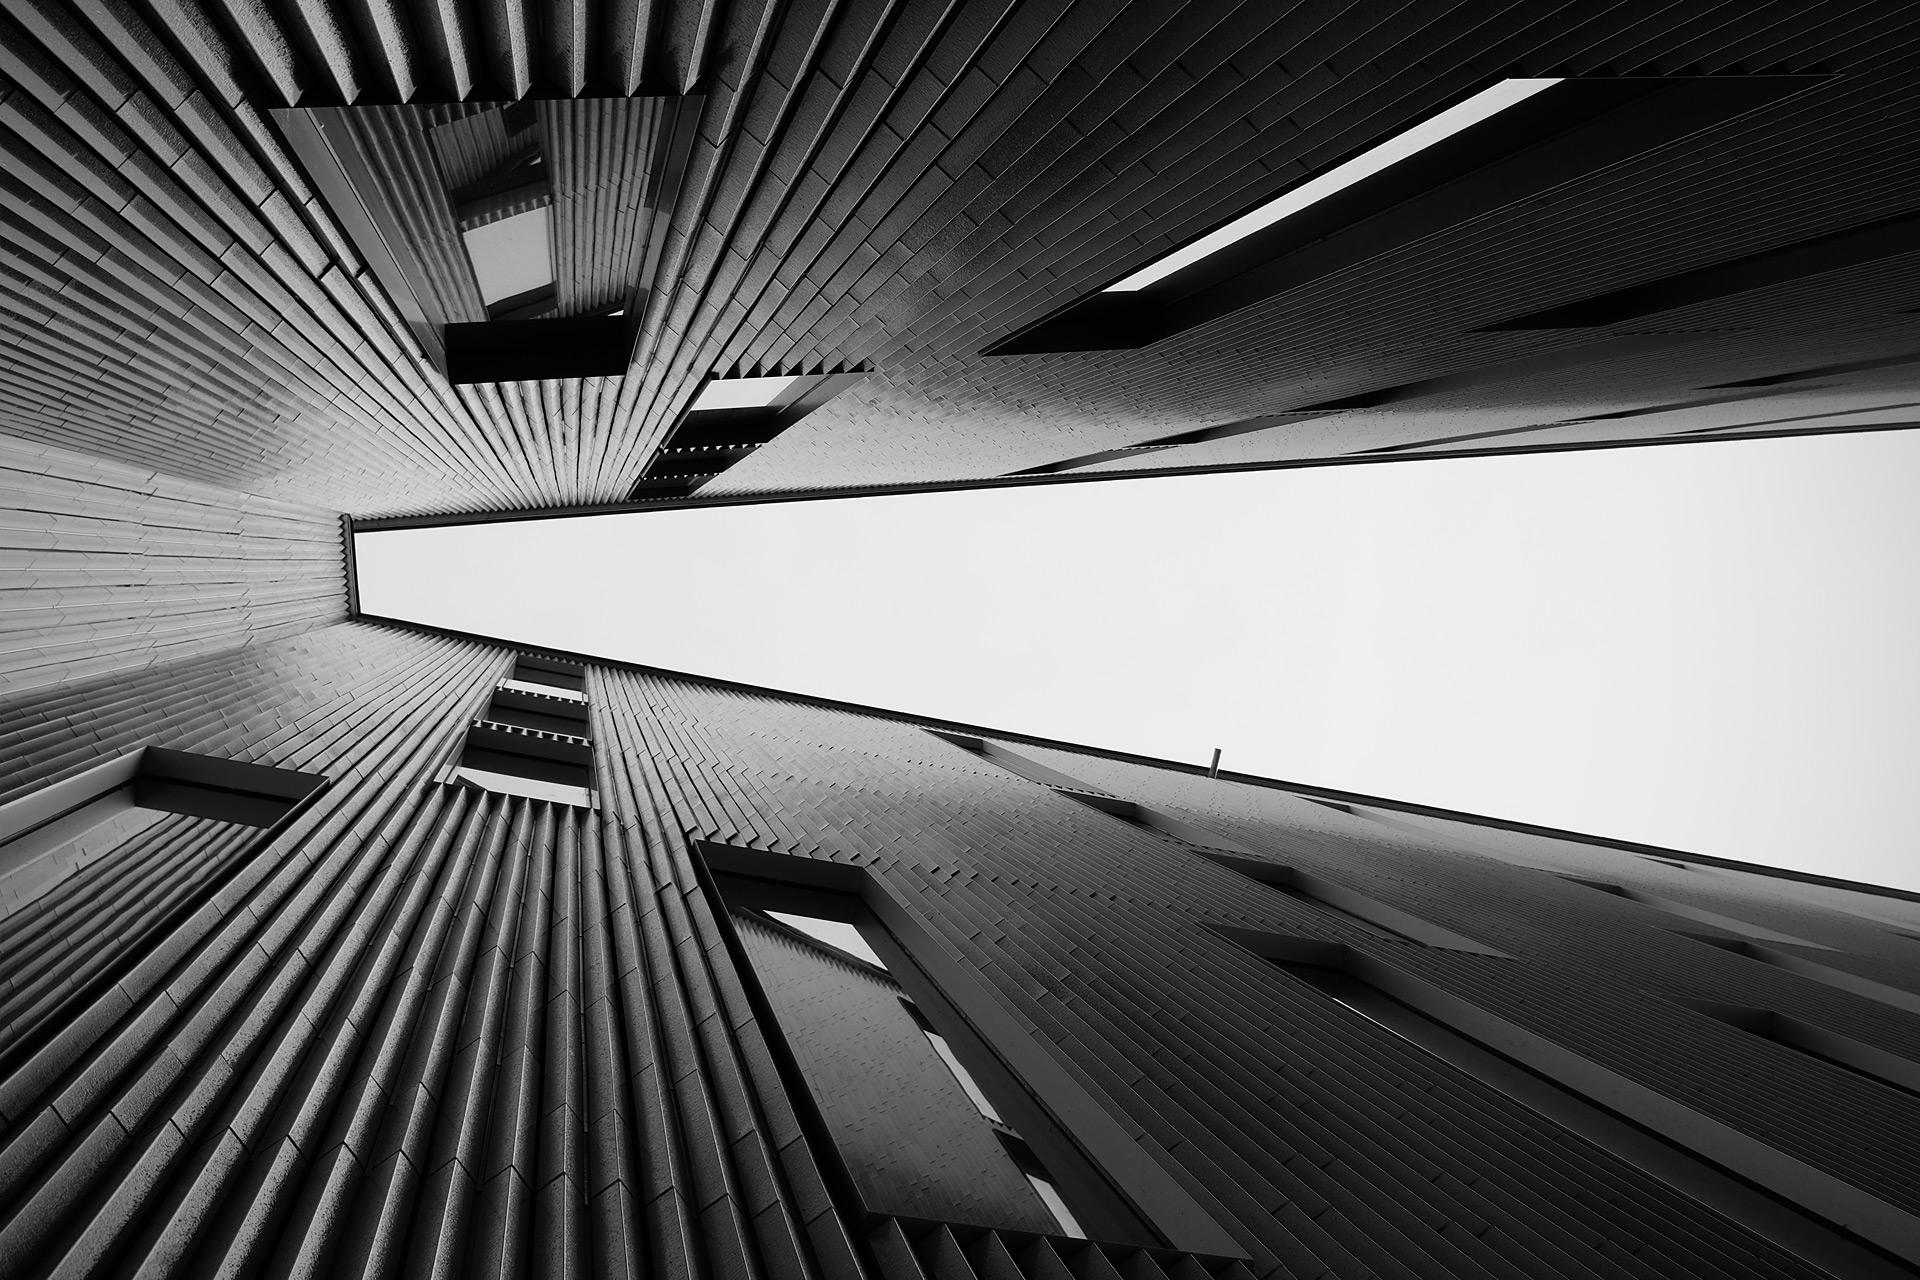 Stehlen Design hintergrundbilder schwarz einfarbig die architektur abstrakt